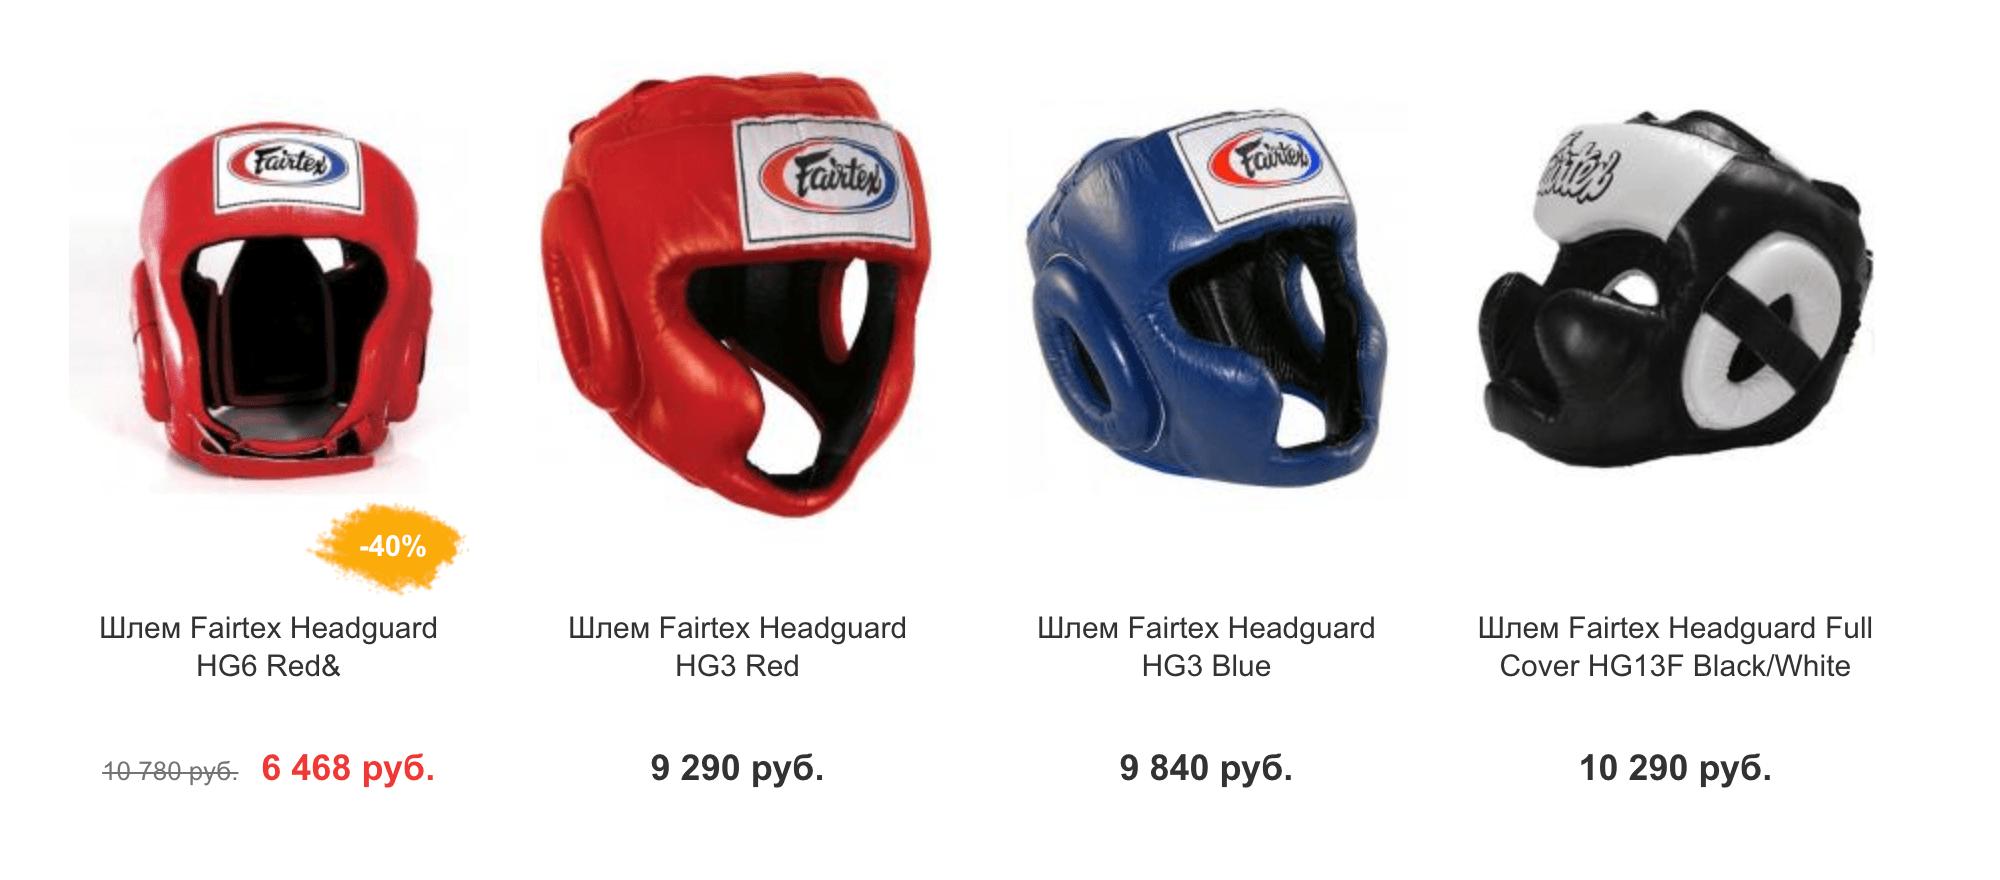 Цены на шлемы Fairtex